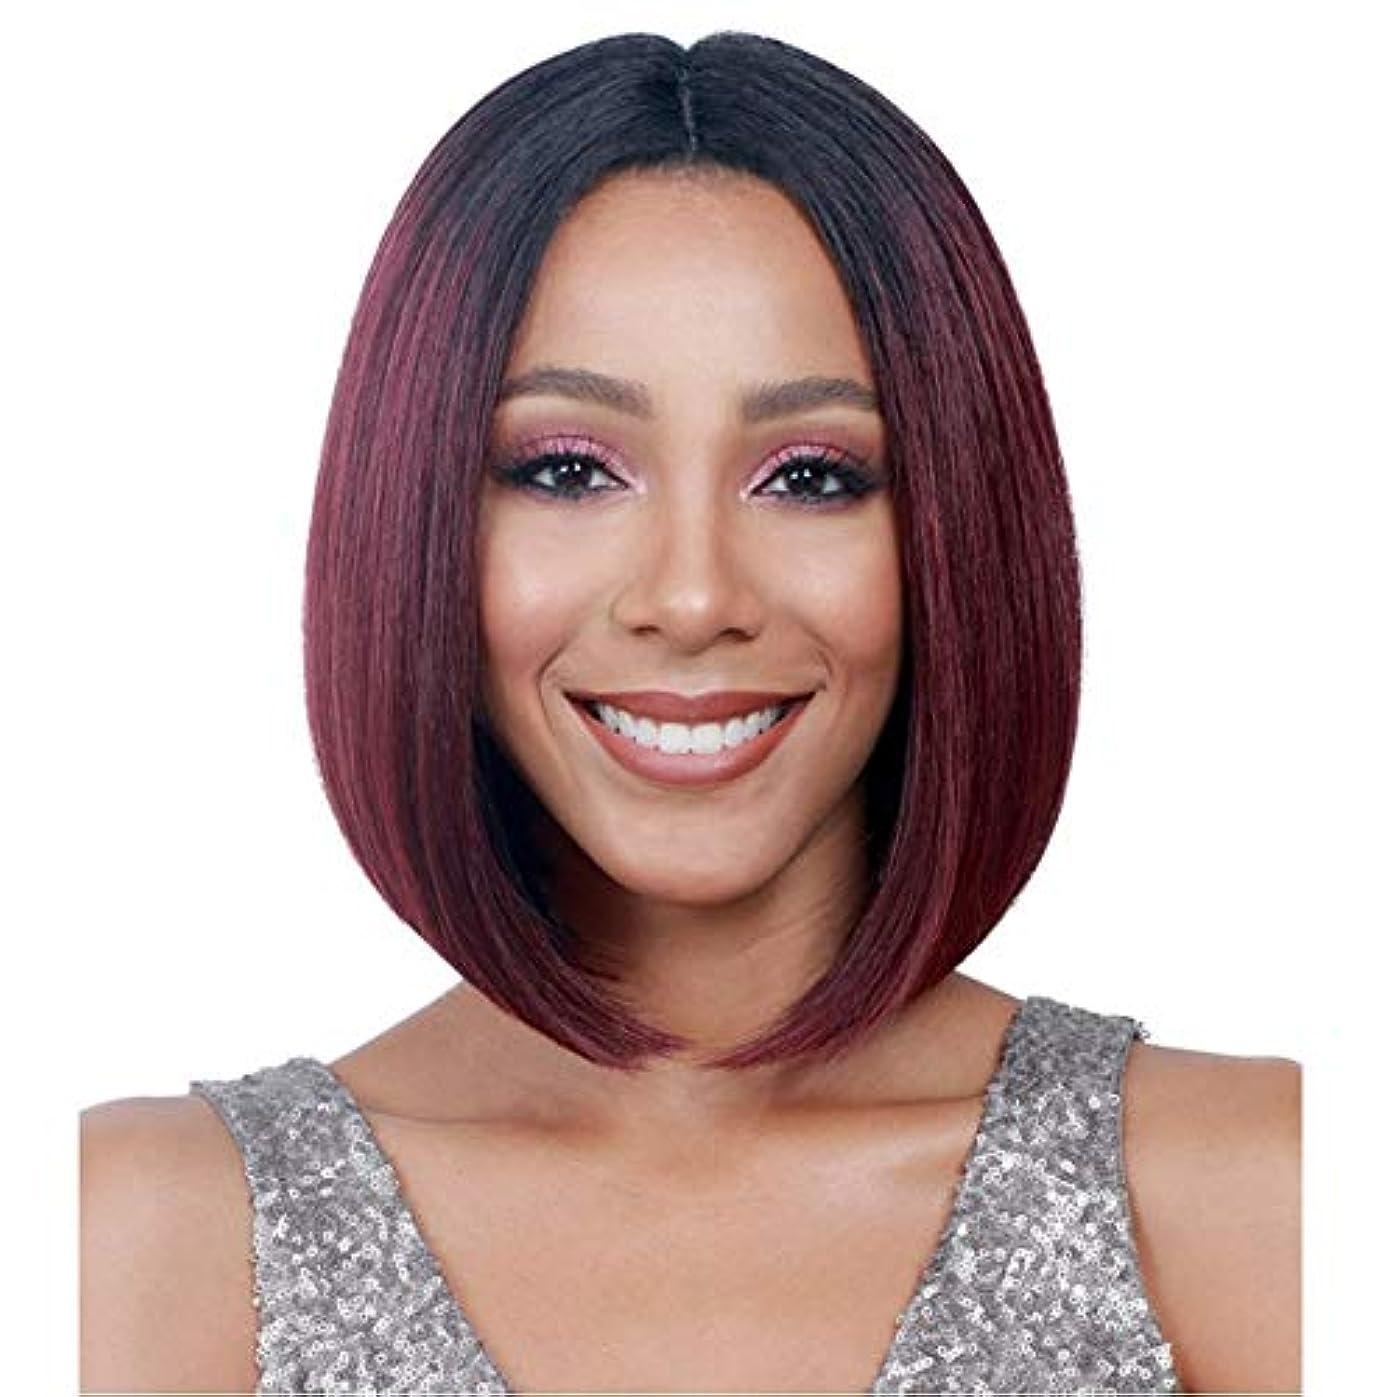 原理読み書きのできない硬いYOUQIU 女性黒のルーツ自然な女性の毎日のヘアウィッグのかつらのためにワインレッドボブウィッグ (色 : ワインレッド)